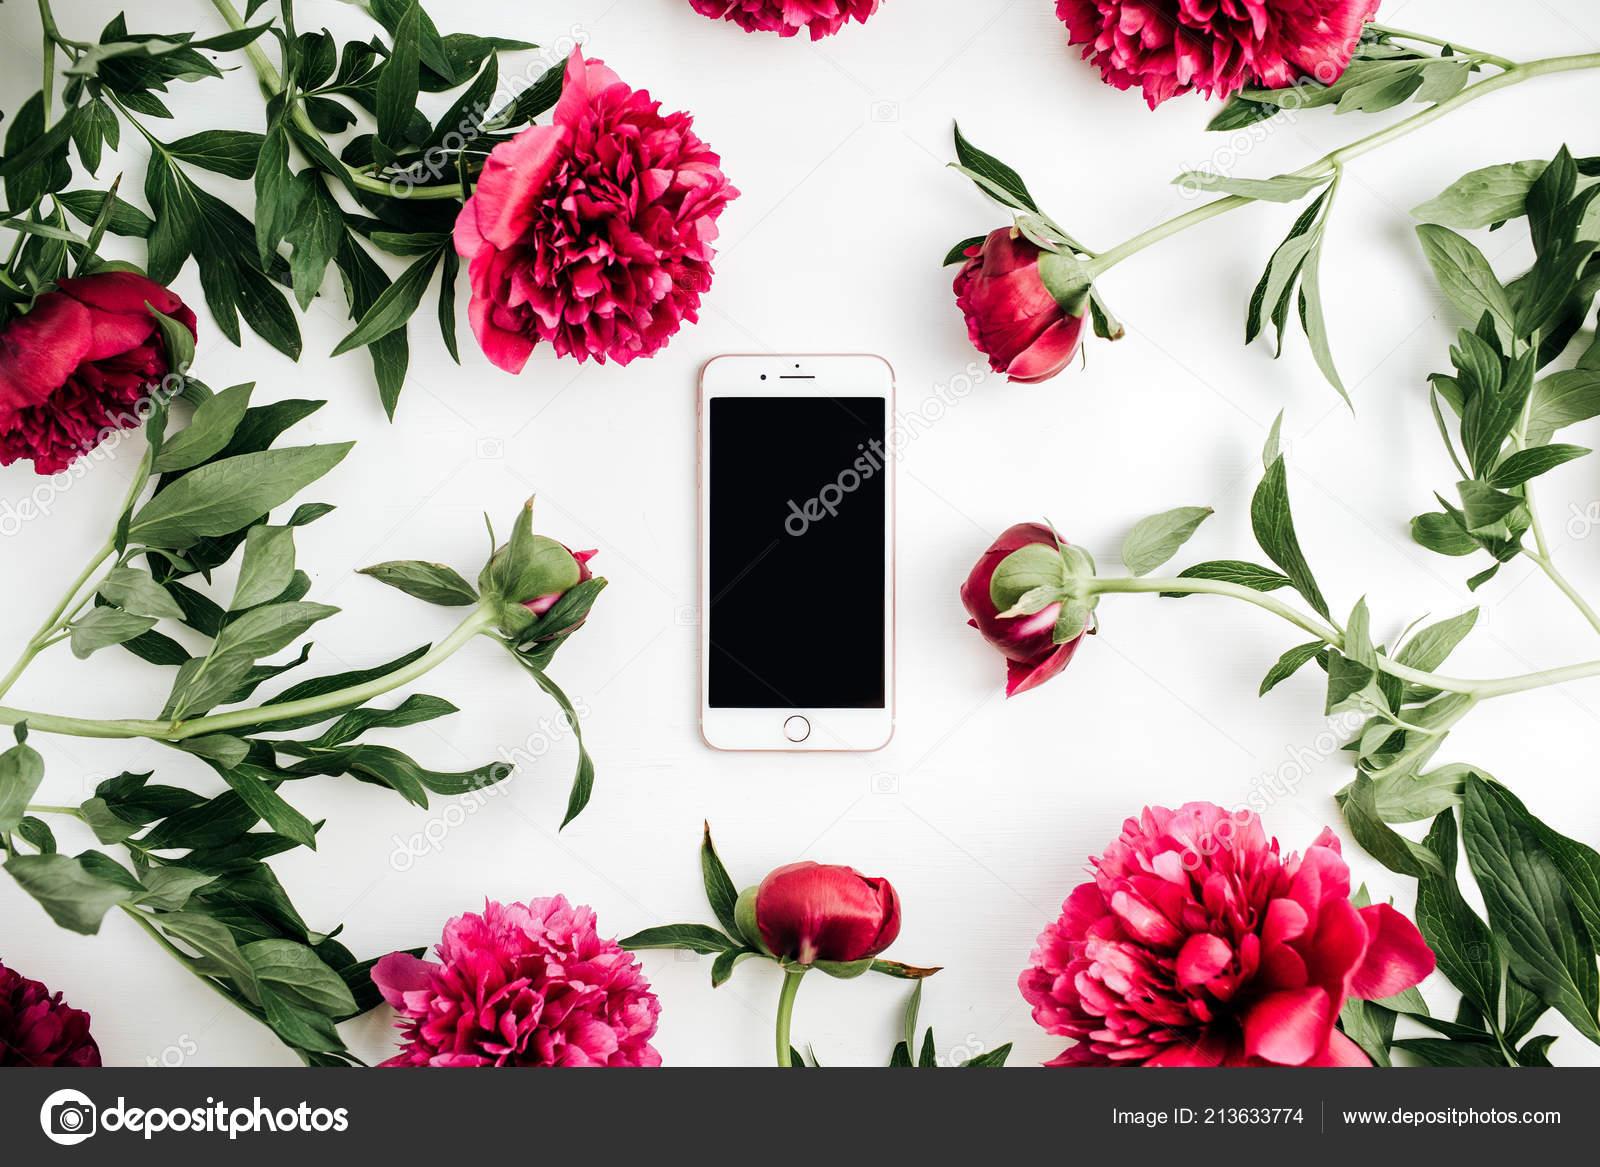 Telefoni Cellulari Cornice Fiori Peonie Rosa Sfondo Bianco Vista